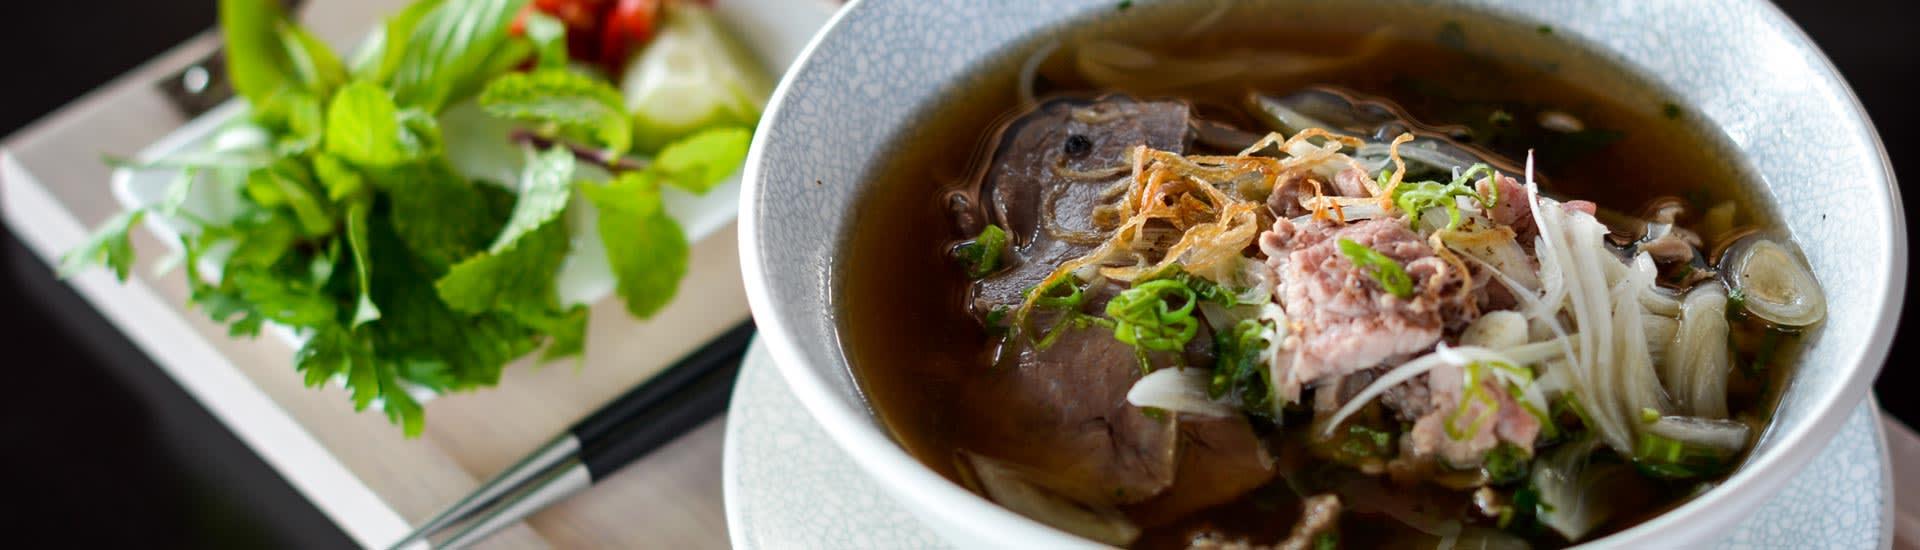 Pho Noodles Dish Mekong Restaurant